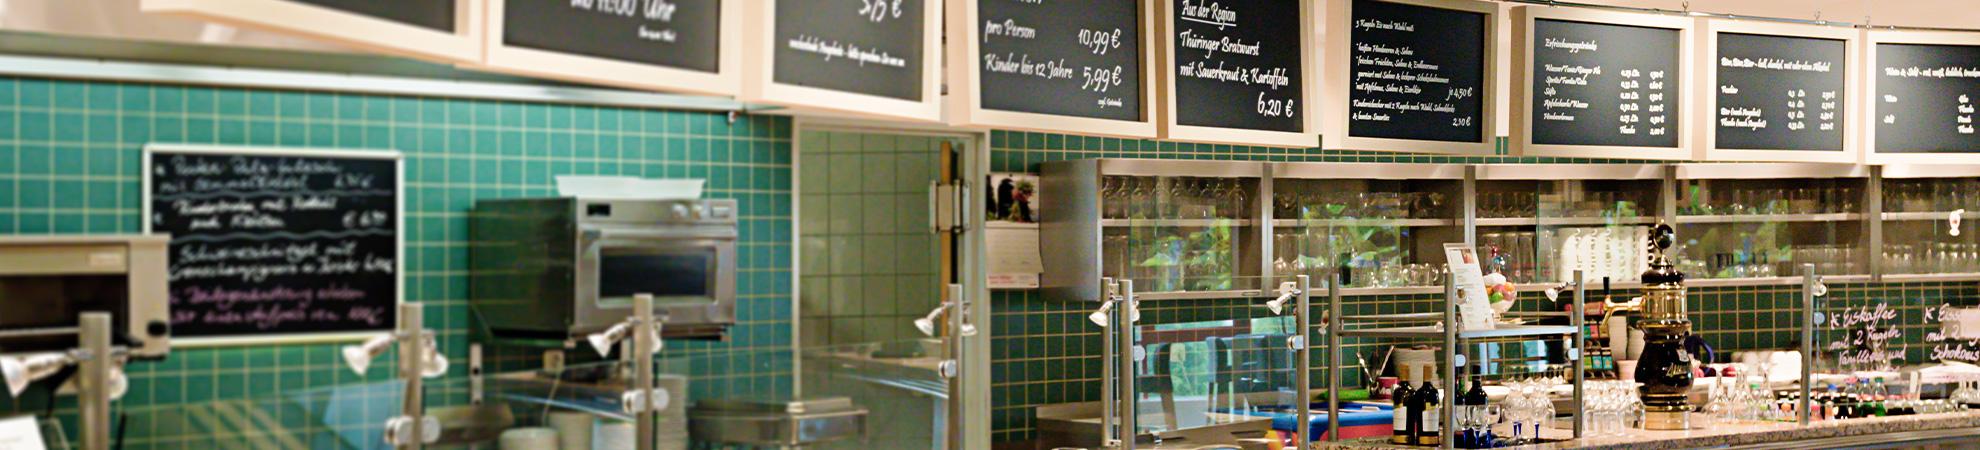 Möbel Schröter Ansicht Theke Restaurant